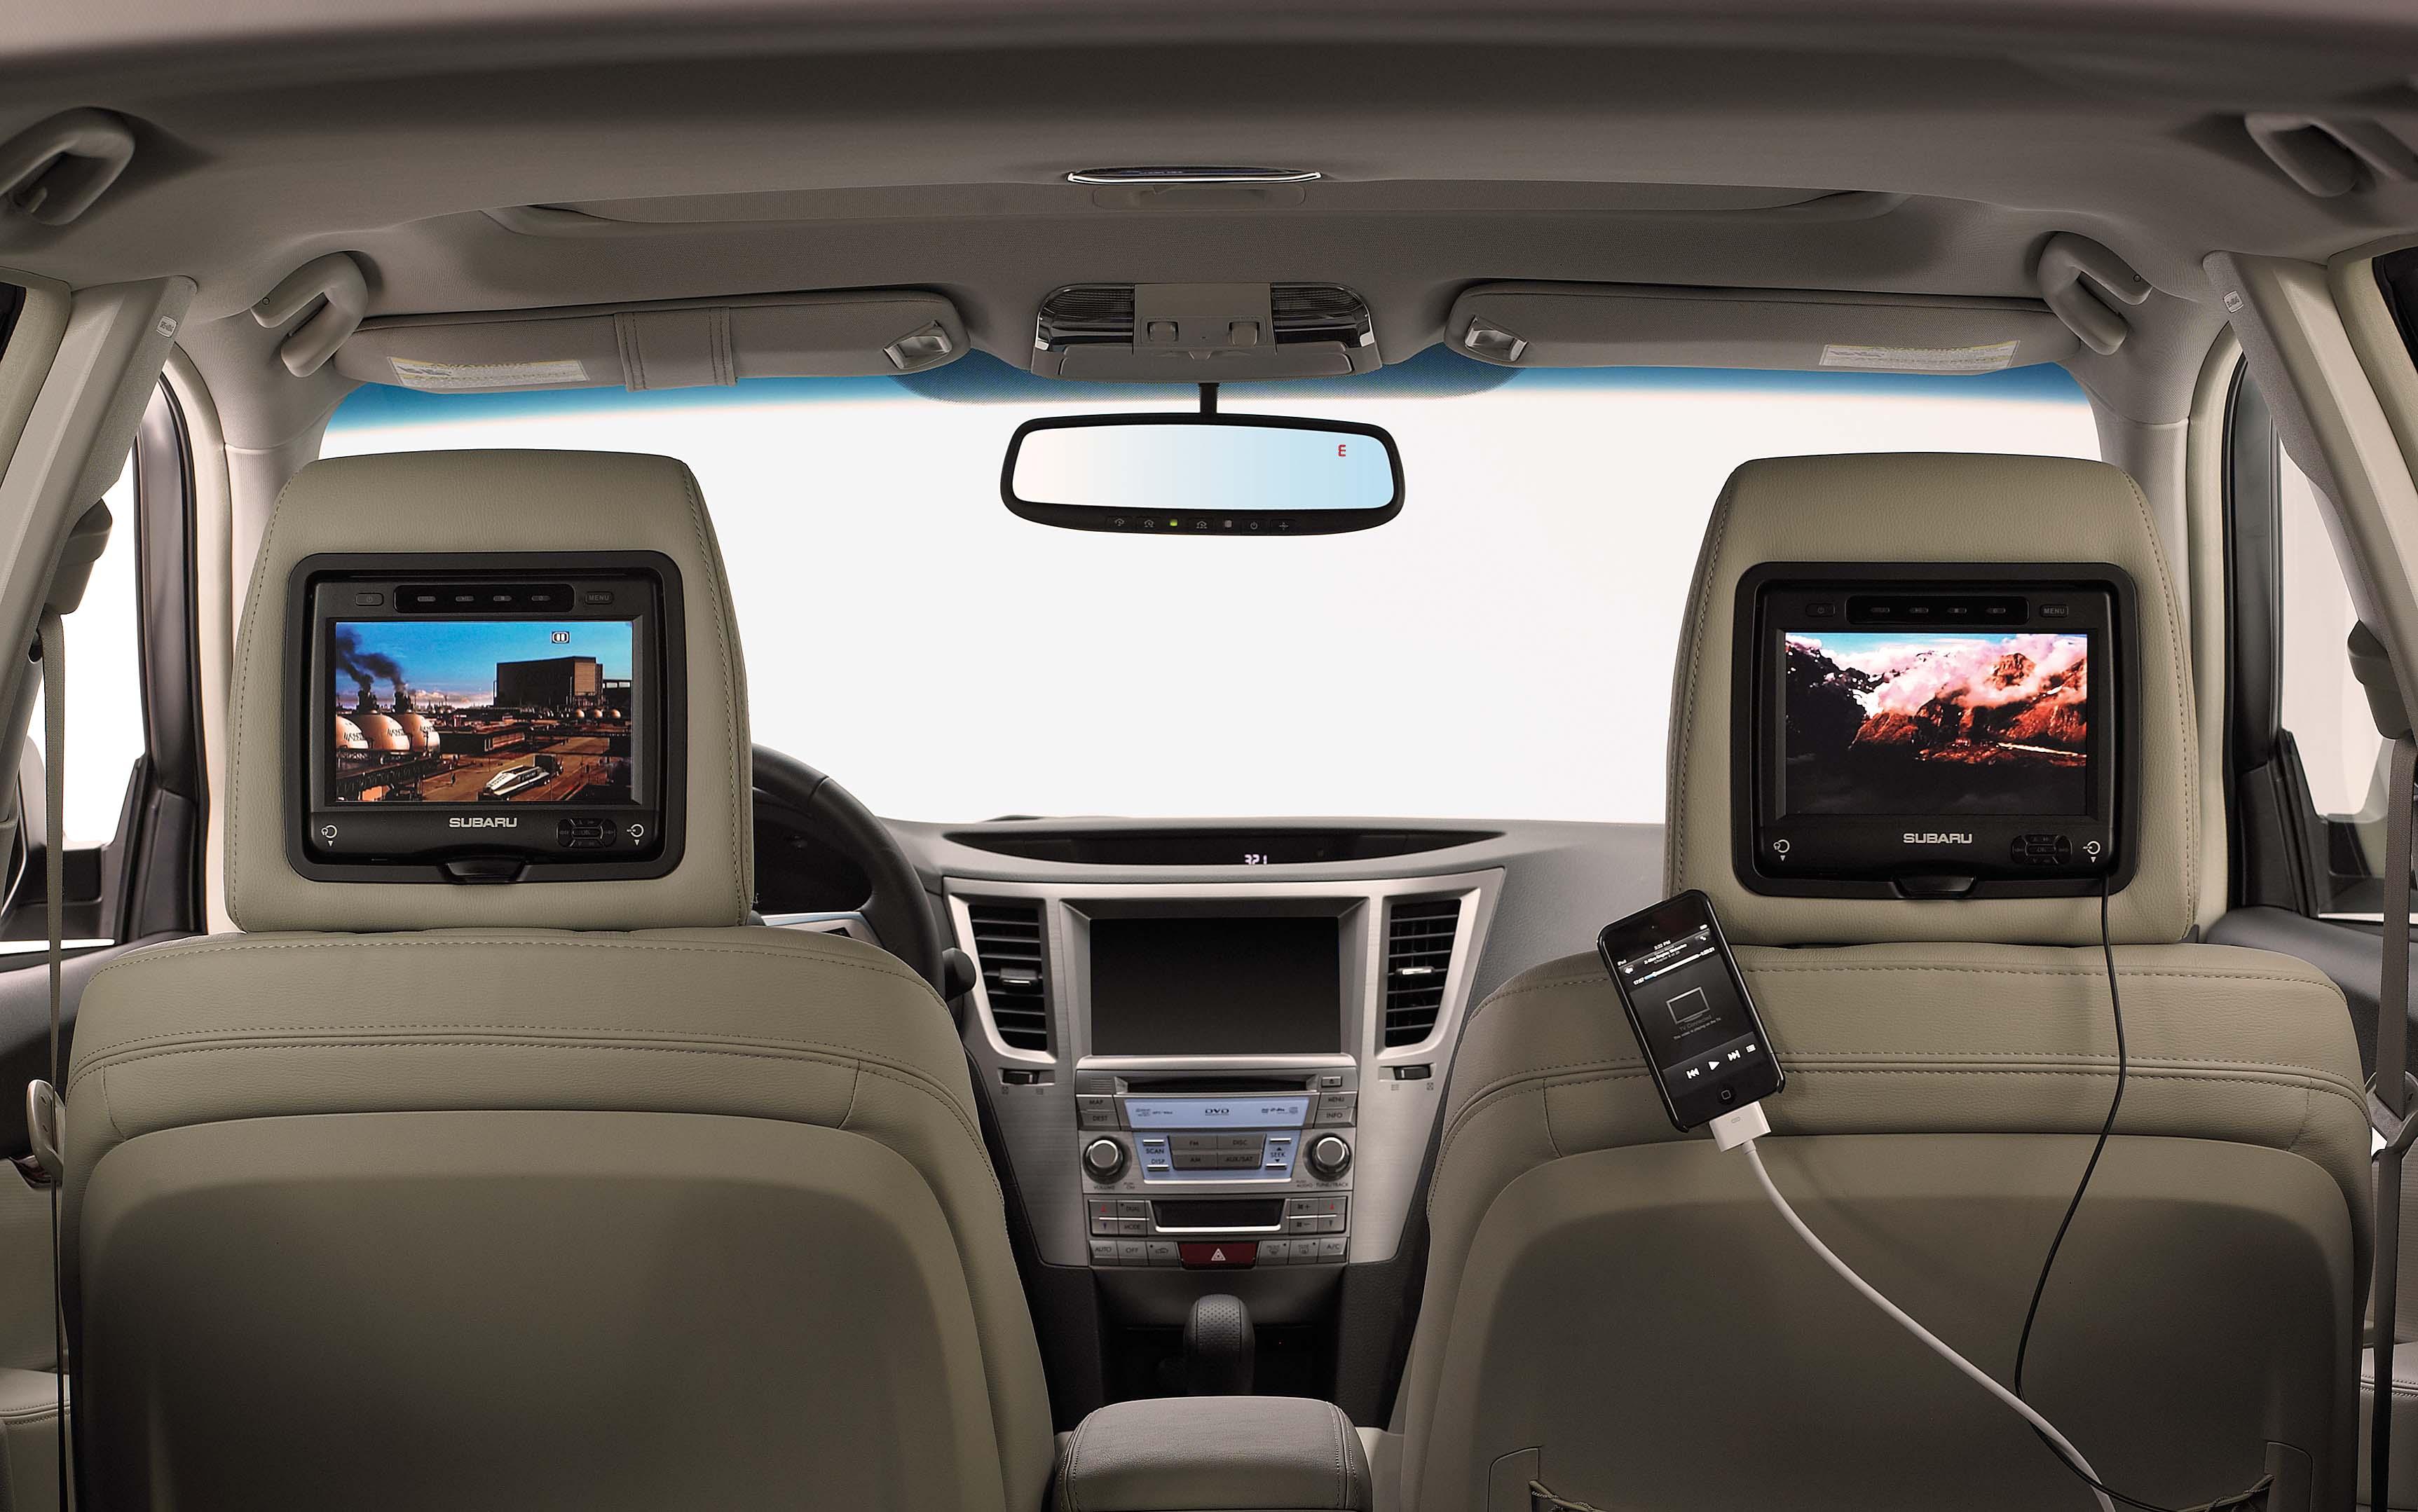 Shop Genuine 2014 Subaru Outback Accessories Subaru Of America